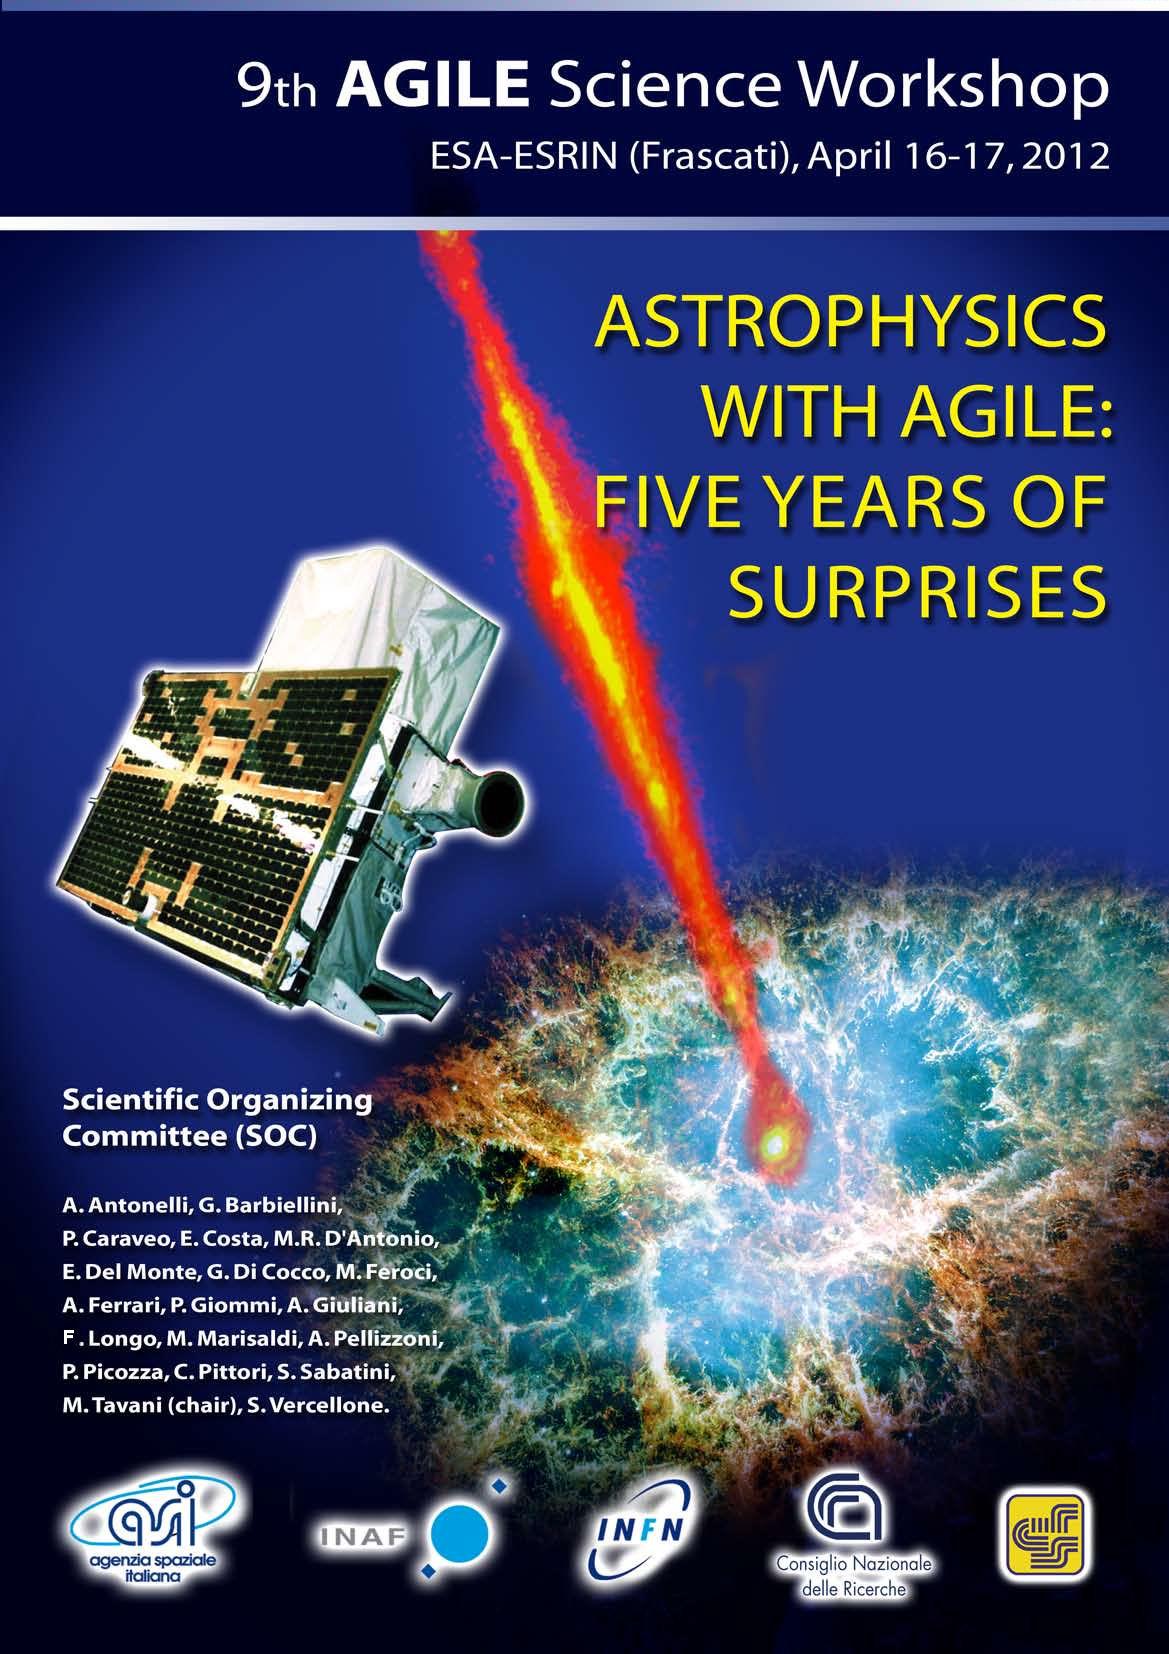 L'Astrofisica con Agile: 5 anni di sorprese